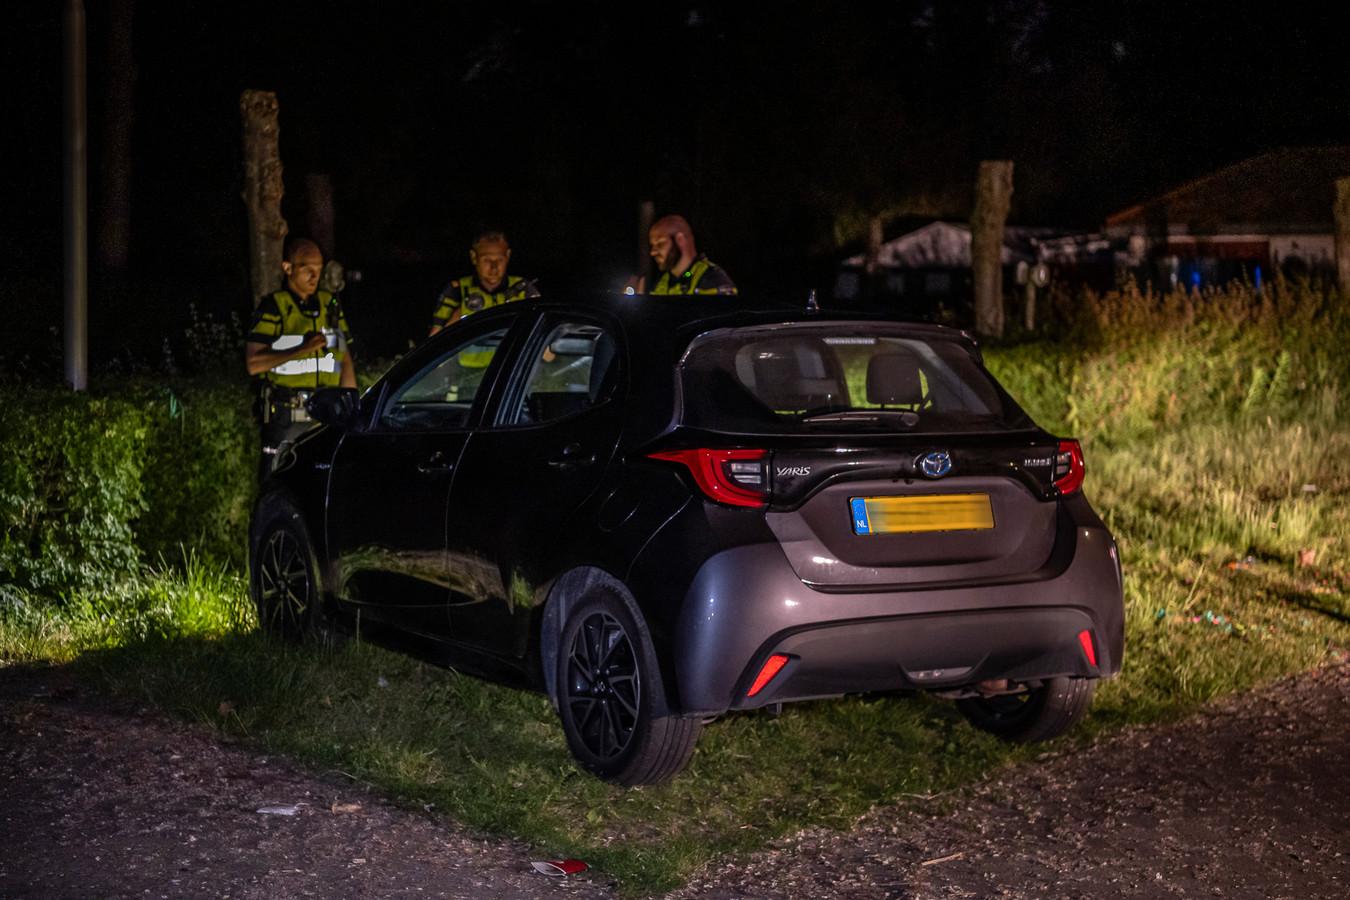 De automobilist reed na de aanrijding door, waarna hij, een 25-jarige Tilburger, even later staande werd gehouden en aangehouden.